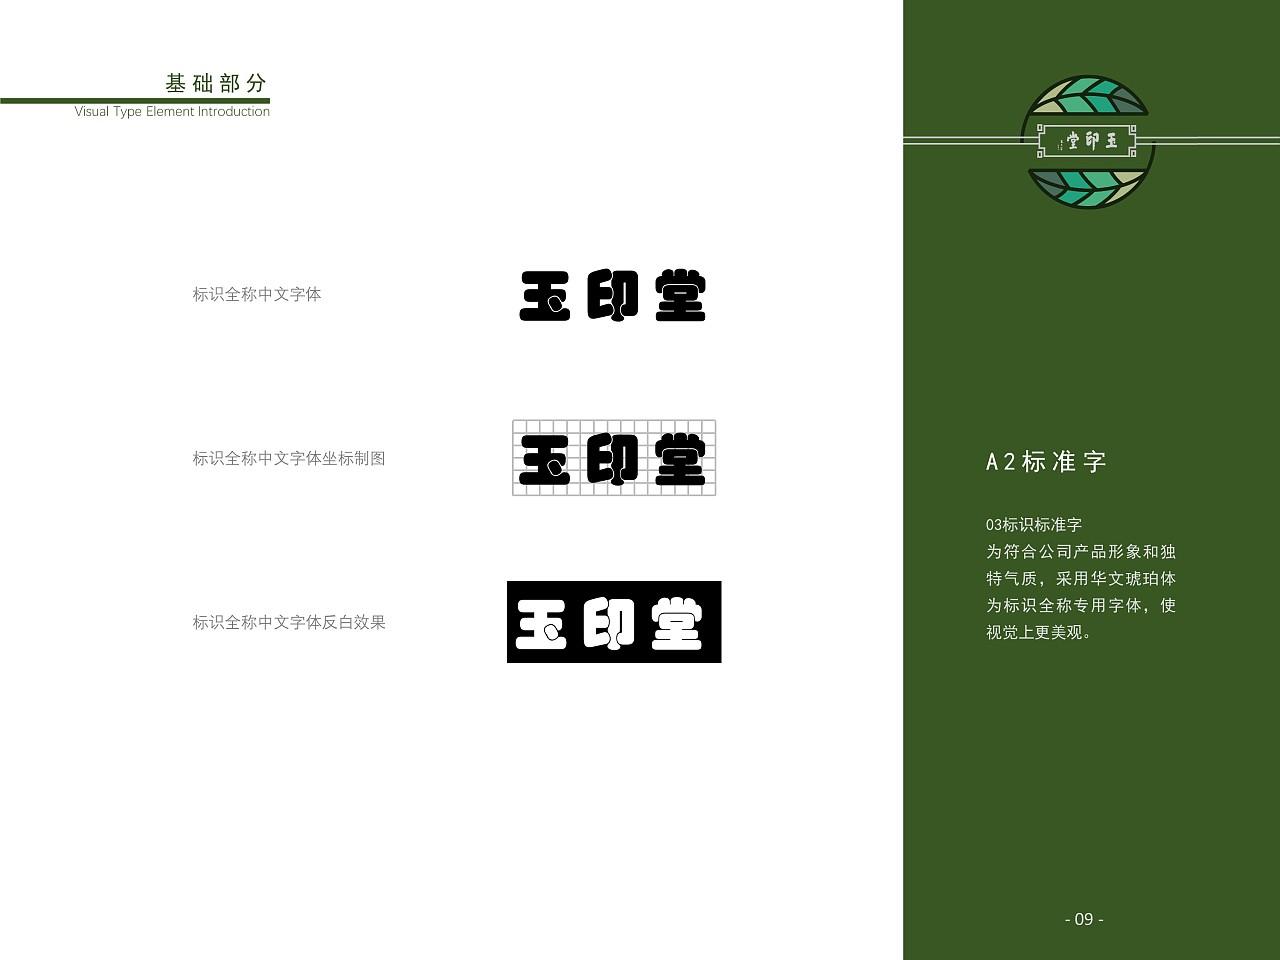 vi设计手册图片